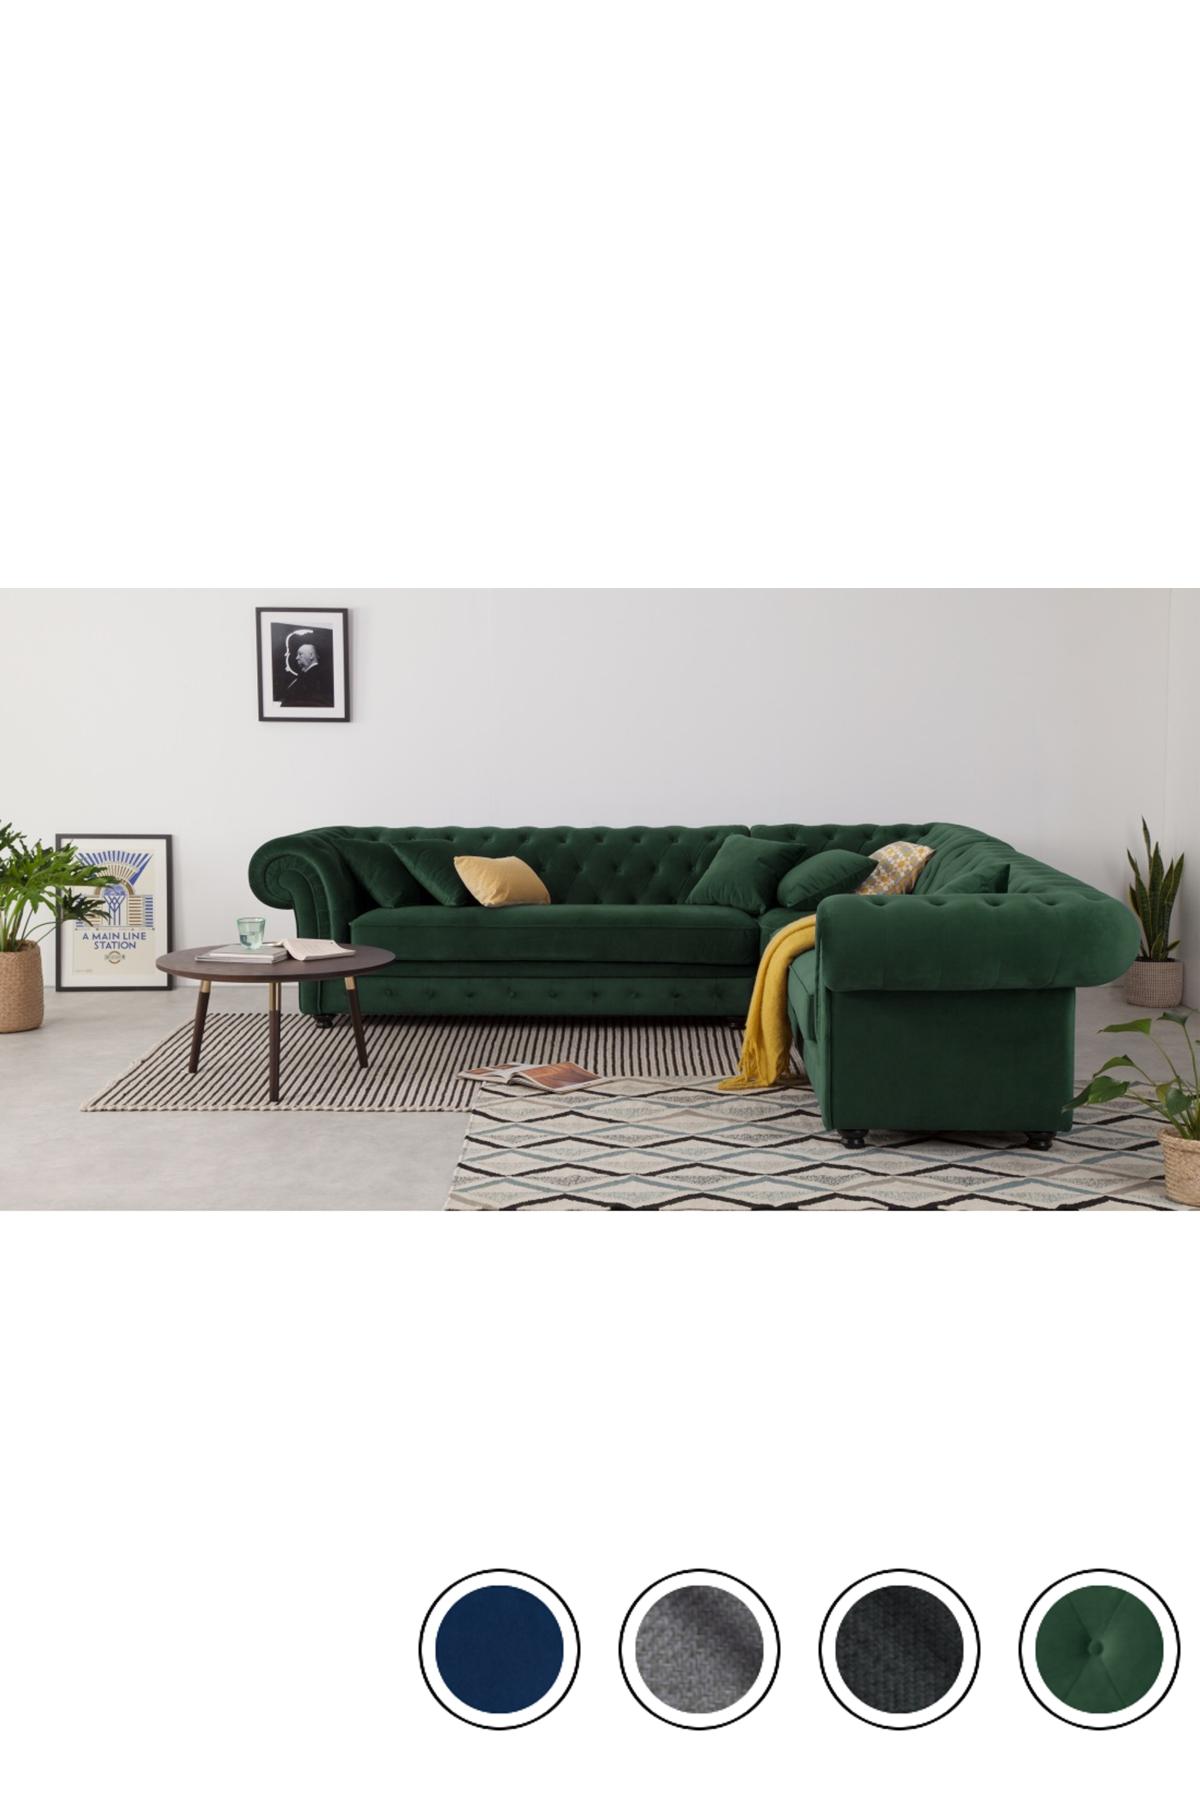 Branagh Corner Sofa Pine Green Velvet Corner Sofa Living Room Green Corner Sofas Green Sofa Living Room